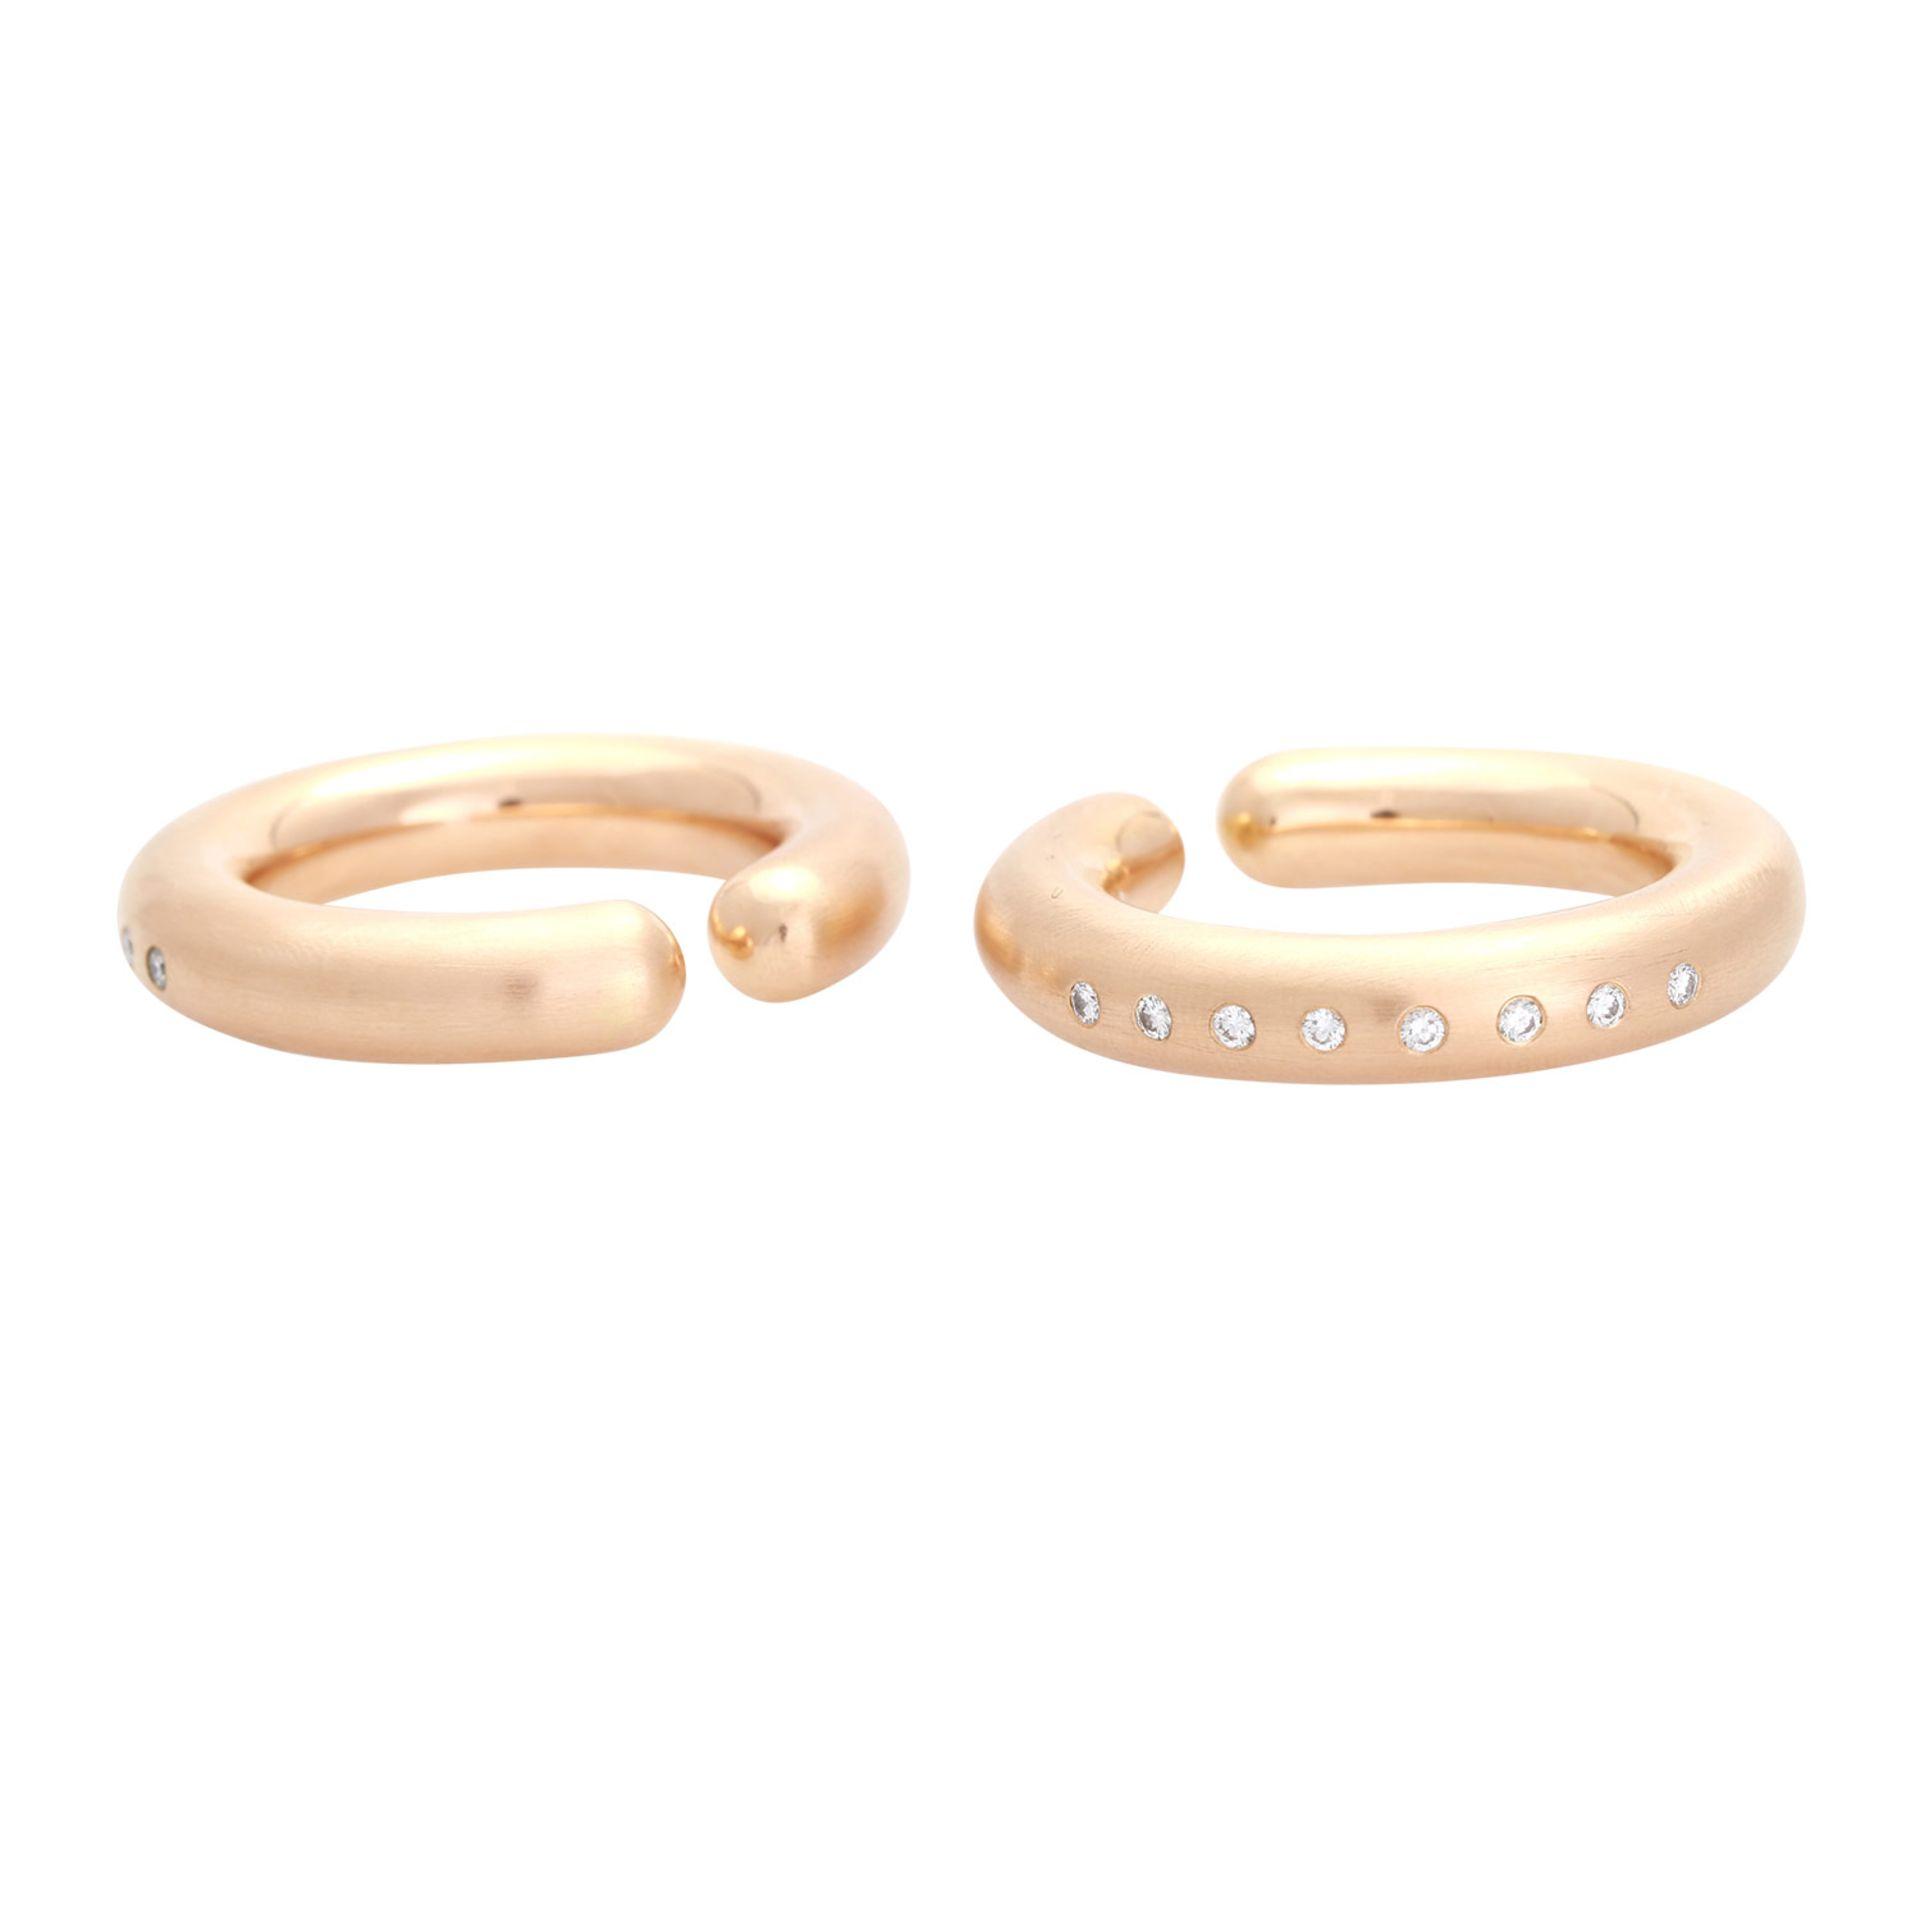 Los 111 - GÜNTER KRAUSS Paar Einhänge-Creolen beide bes. mit Brillanten zus. ca. 0,64 ct., von guter Farbe und